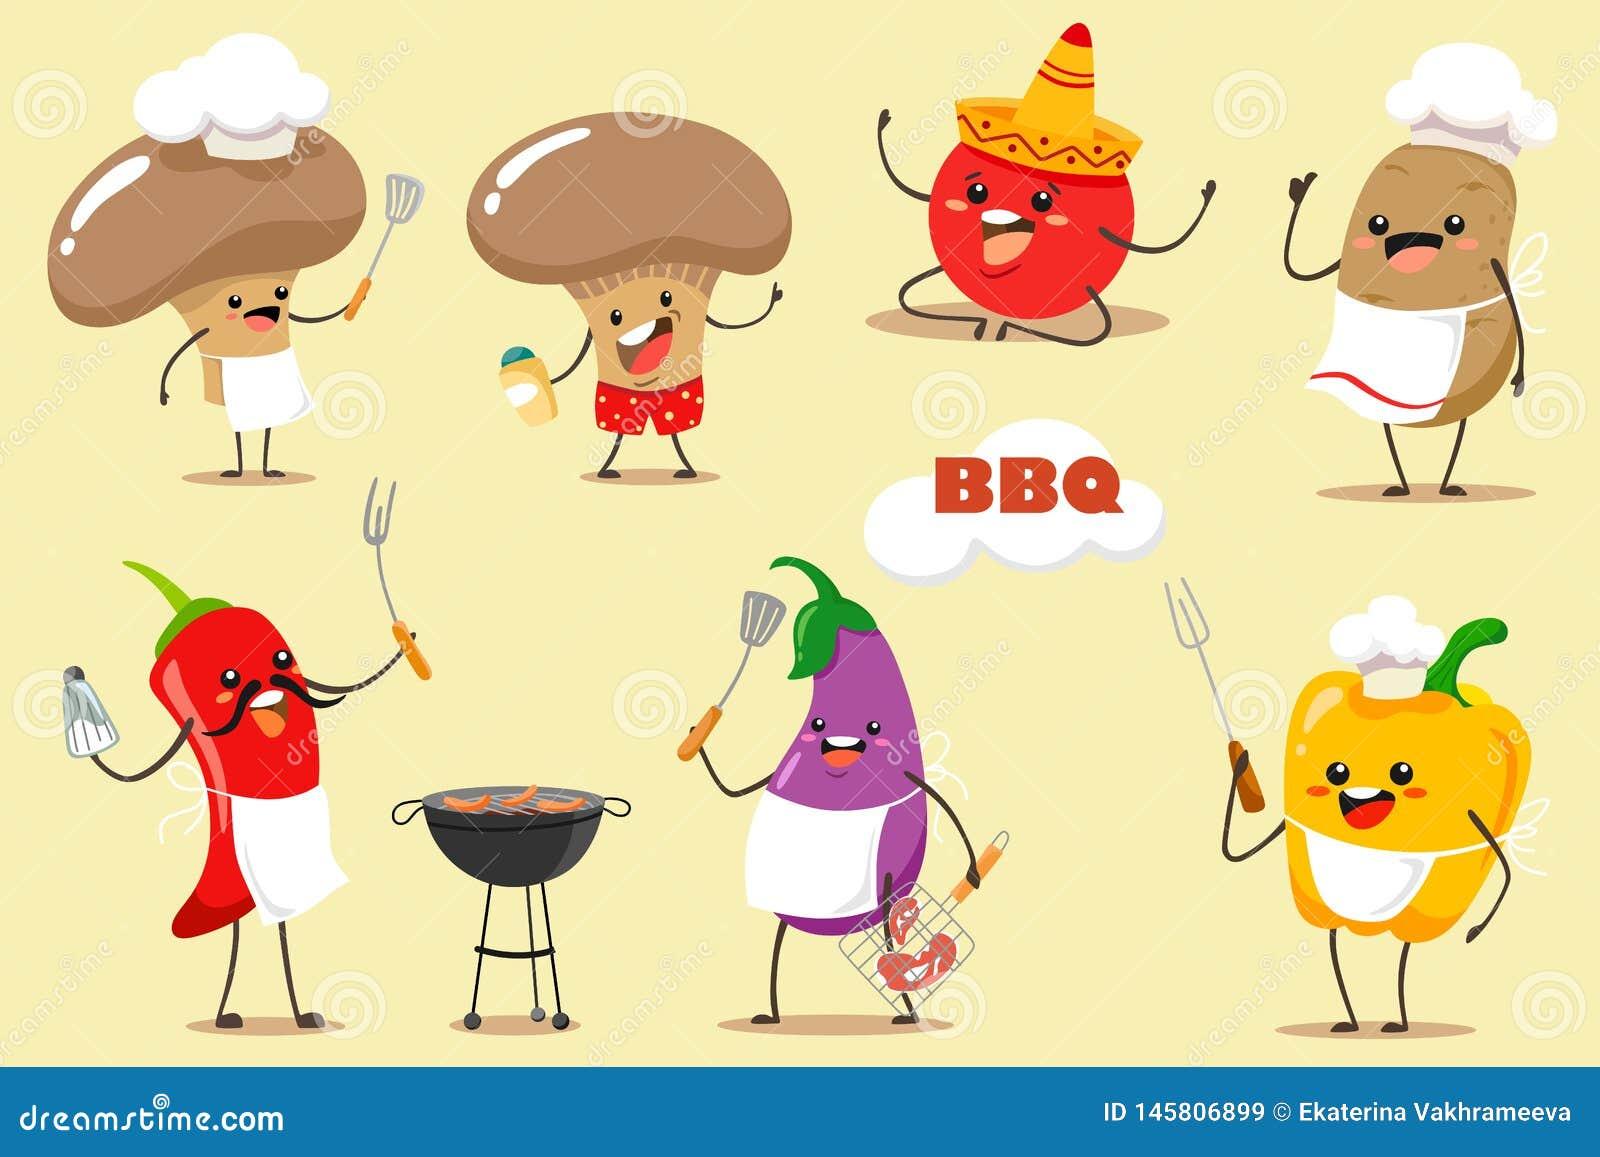 Uppsättning för grillfestgrönsakvektor för bbq-parti och picknick Roliga och tecknad filmgrönsaker chili, champinjoner, aubergine